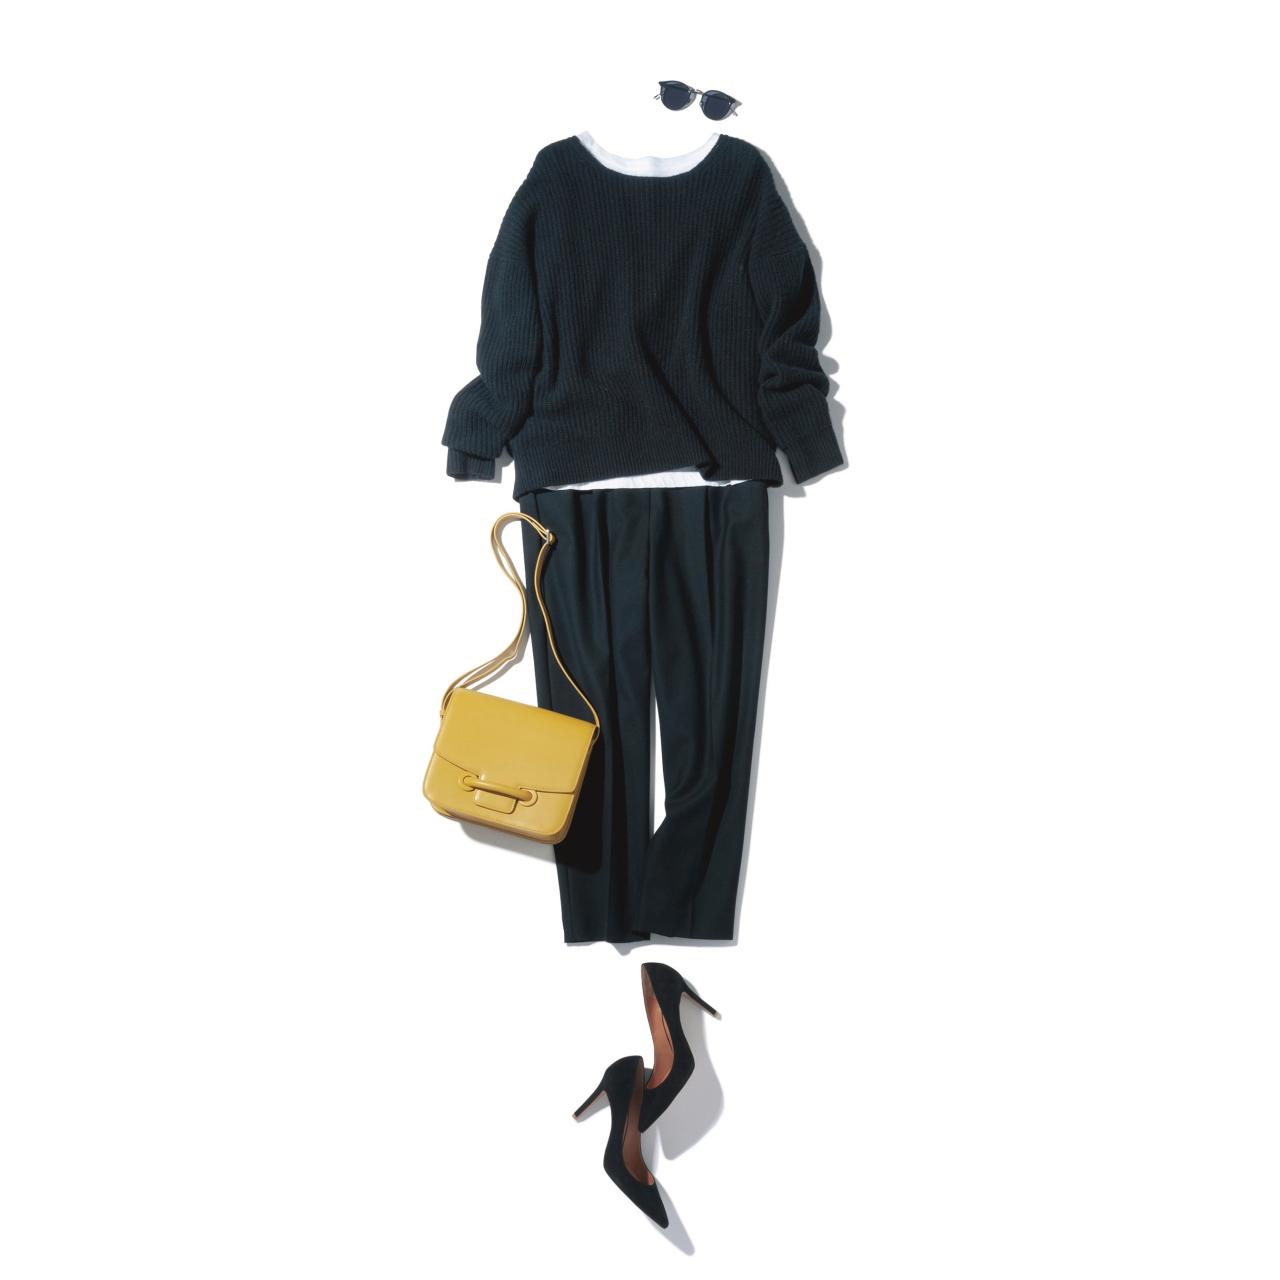 黒のニット&パンツ×イエローバッグのファッションコーデ